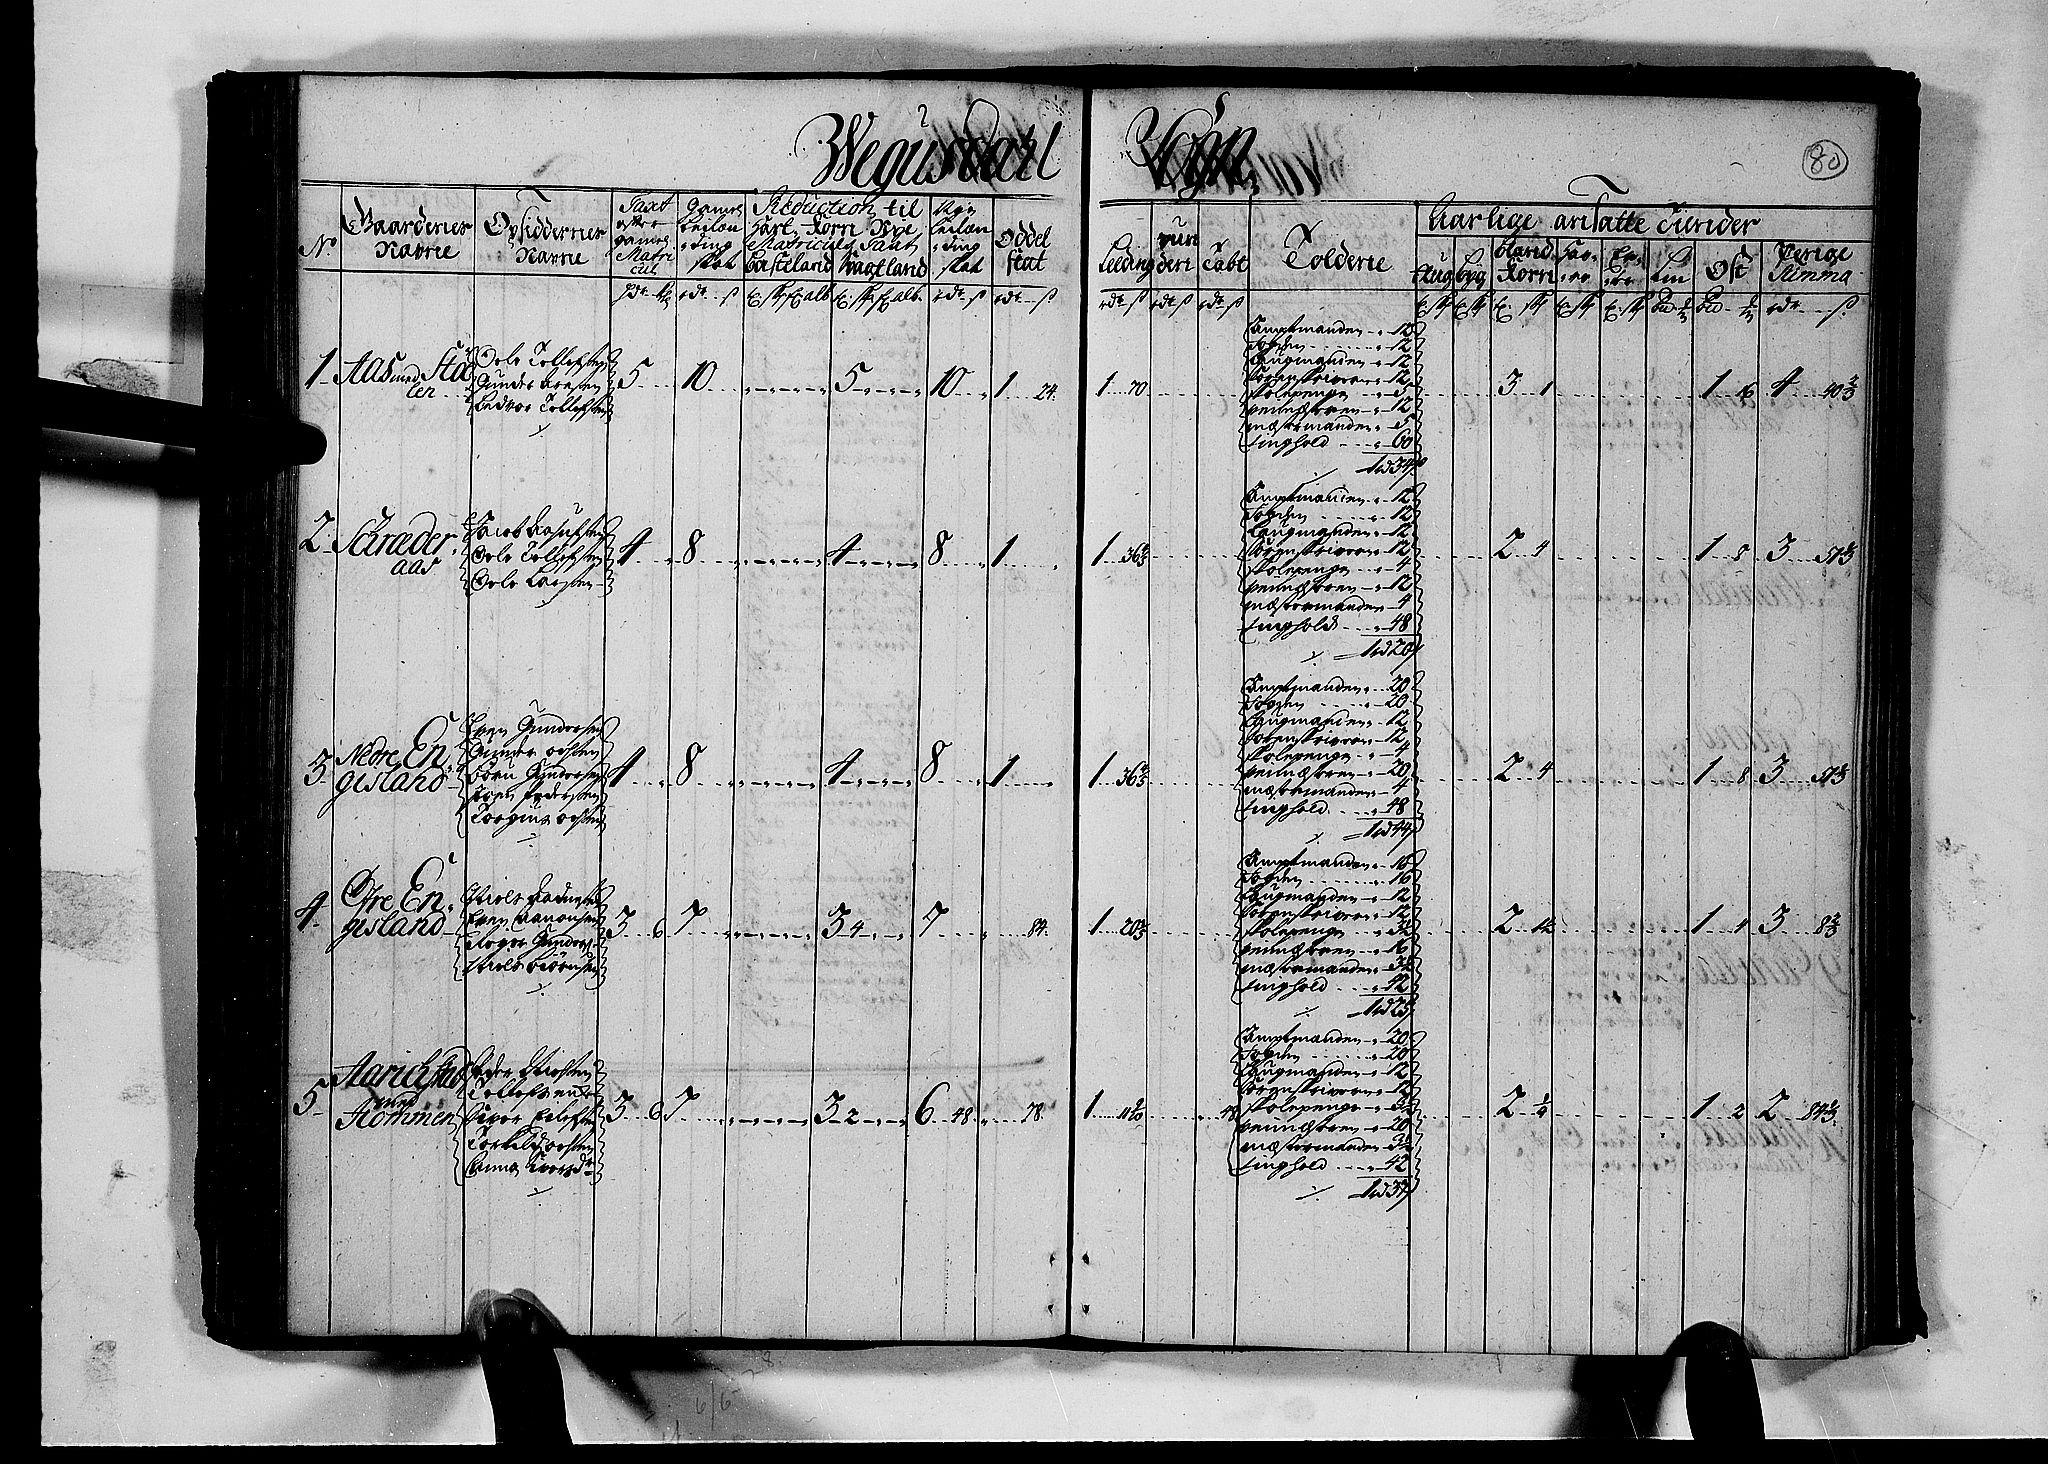 RA, Rentekammeret inntil 1814, Realistisk ordnet avdeling, N/Nb/Nbf/L0126: Råbyggelag matrikkelprotokoll, 1723, s. 79b-80a